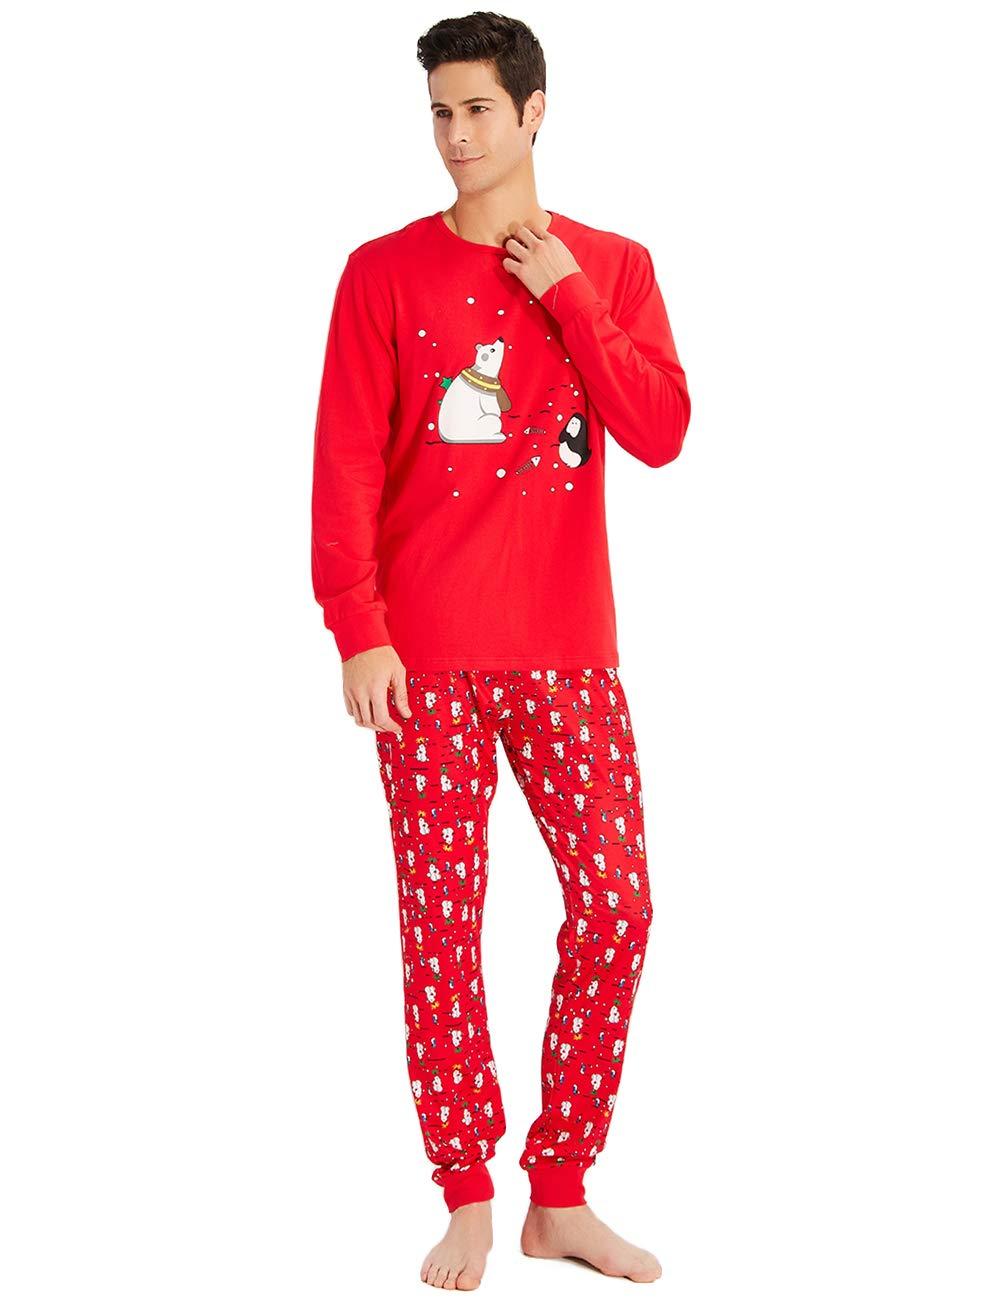 Familia Santa Papá Sleepwear Camisetas de Manga Larga + Pantalones Ropa de Dormir para Mujeres Hombres Niños Chicas Vacaciones de Invierno PJs Homewear Conjuntos de 2 Piezas M